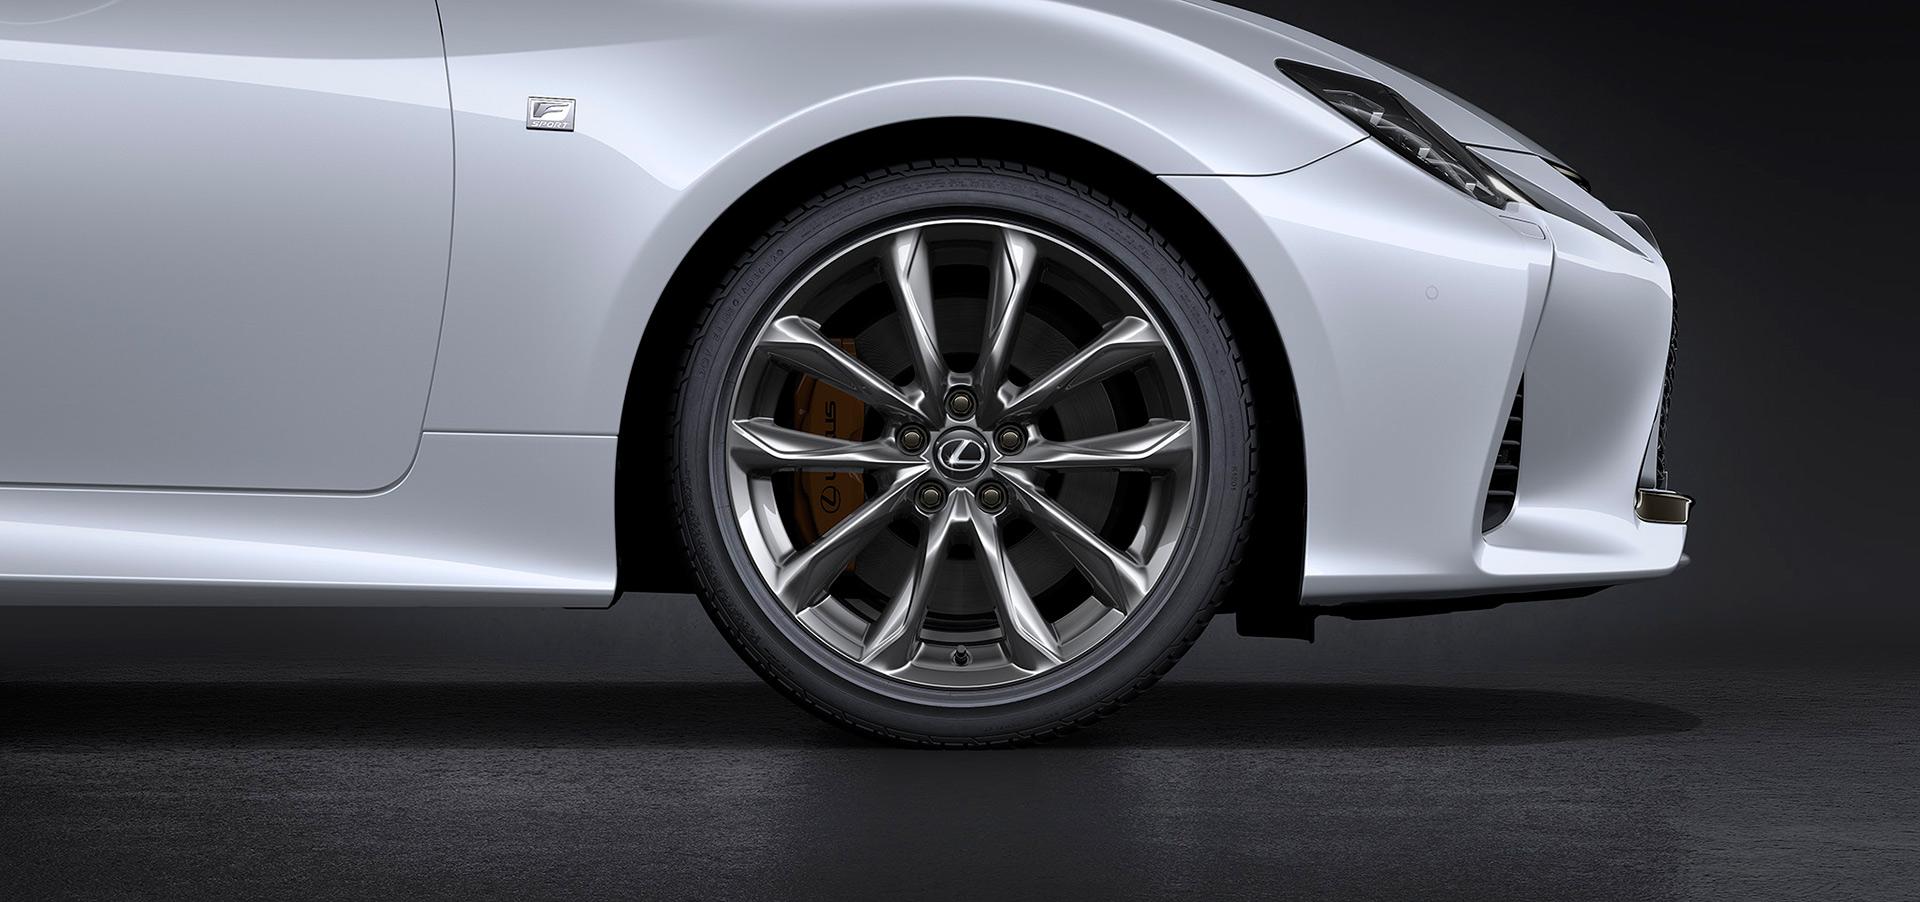 「【新車】レクサスRCがマイナーチェンジ。LC譲りのエレガントな外観と高い走行性能を獲得」の1枚目の画像